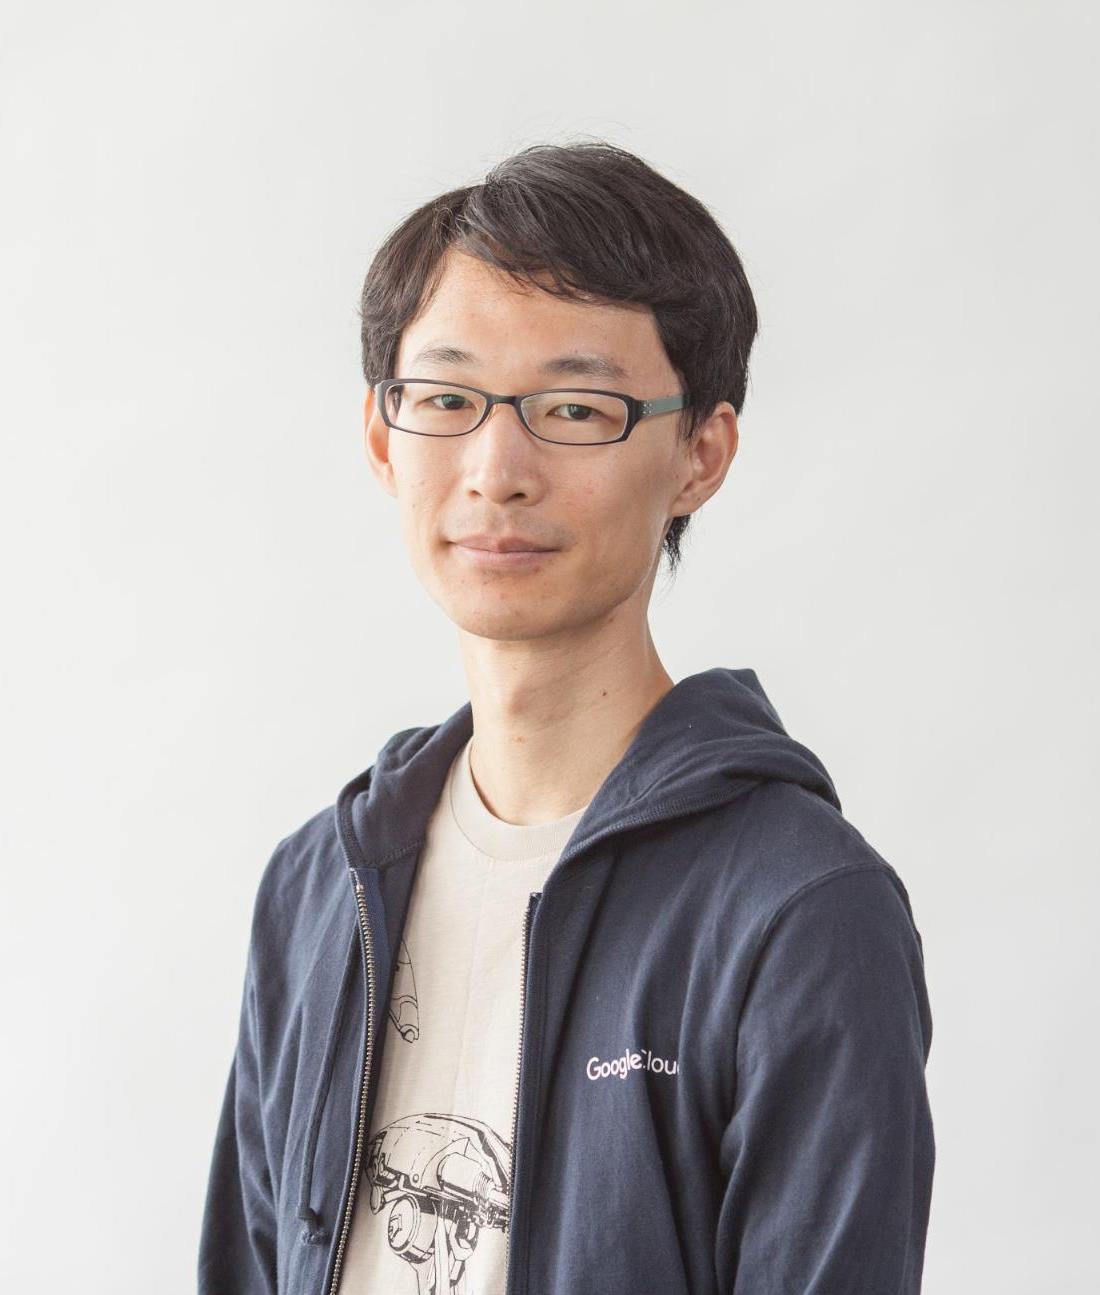 グーグル ・クラウド・ジャパン合同会社 吉川隼人